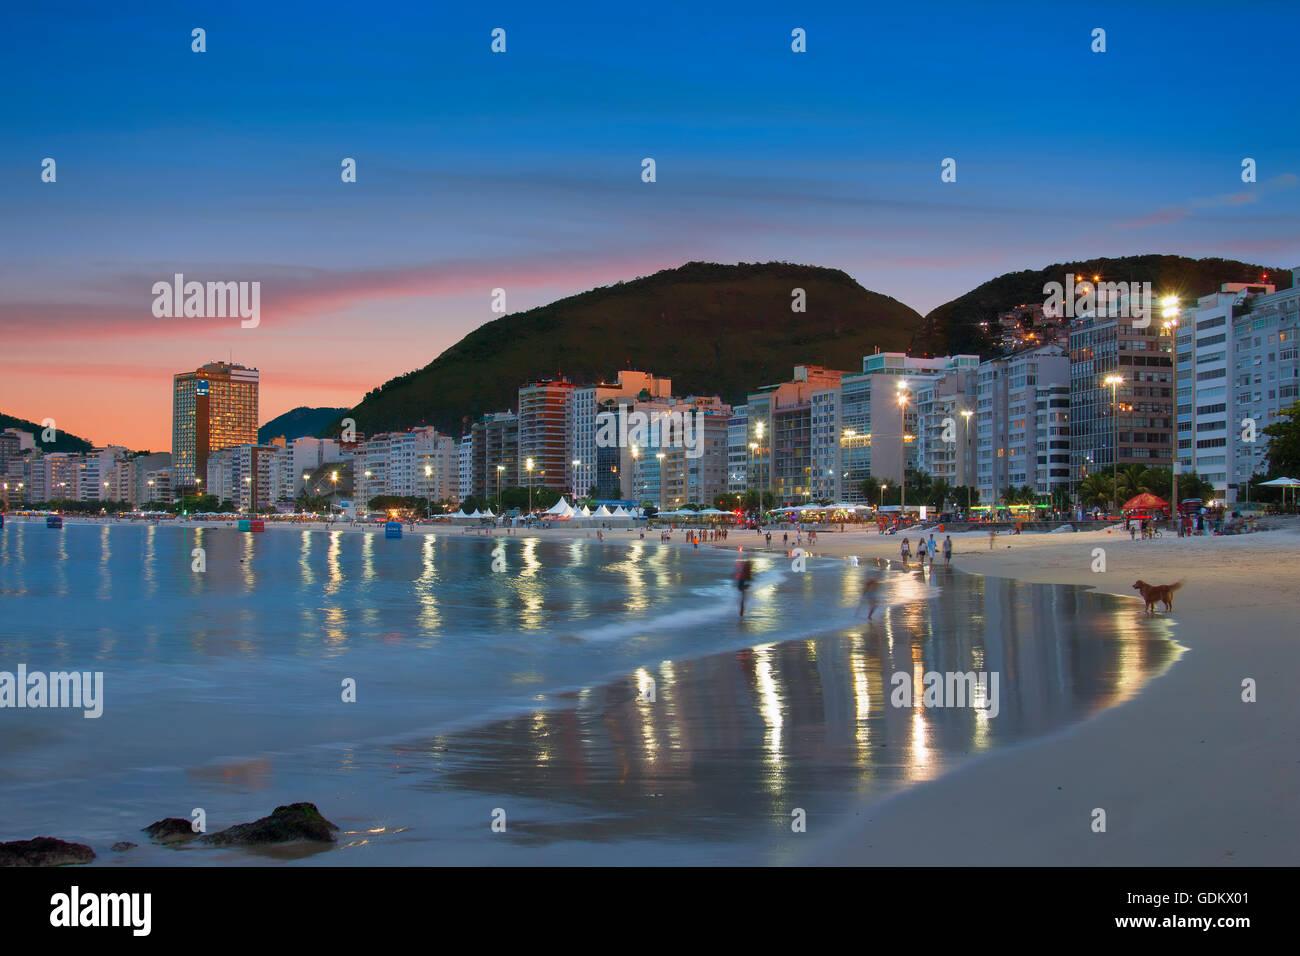 Copacabana beach at night in  Rio de Janeiro - Stock Image